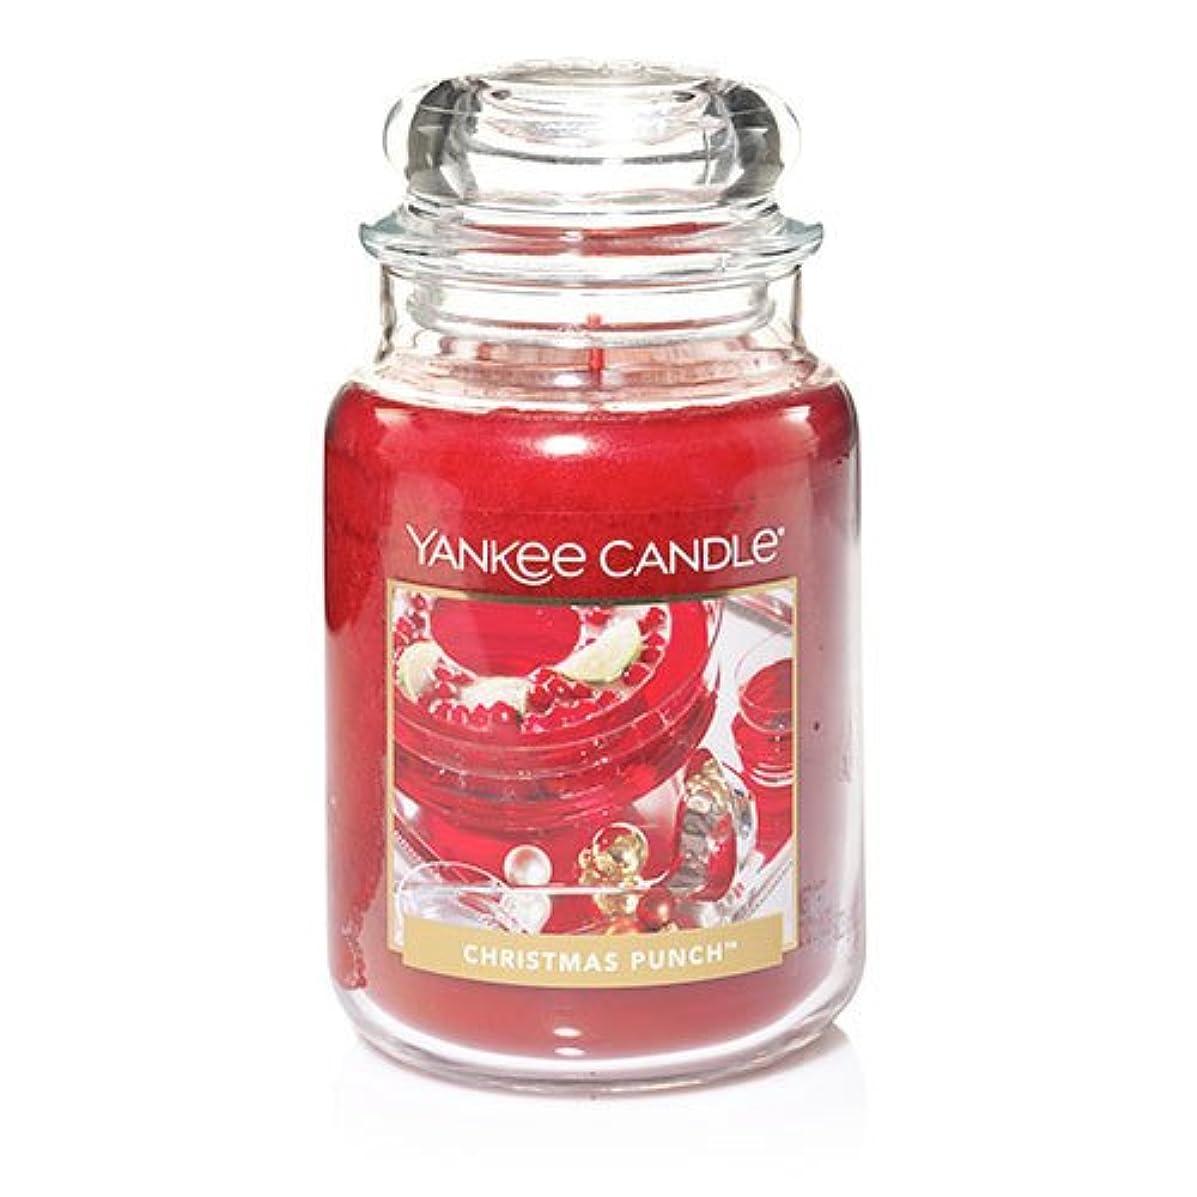 ミキサーガジュマル是正するYankee CandleクリスマスパンチLarge Jar Candle